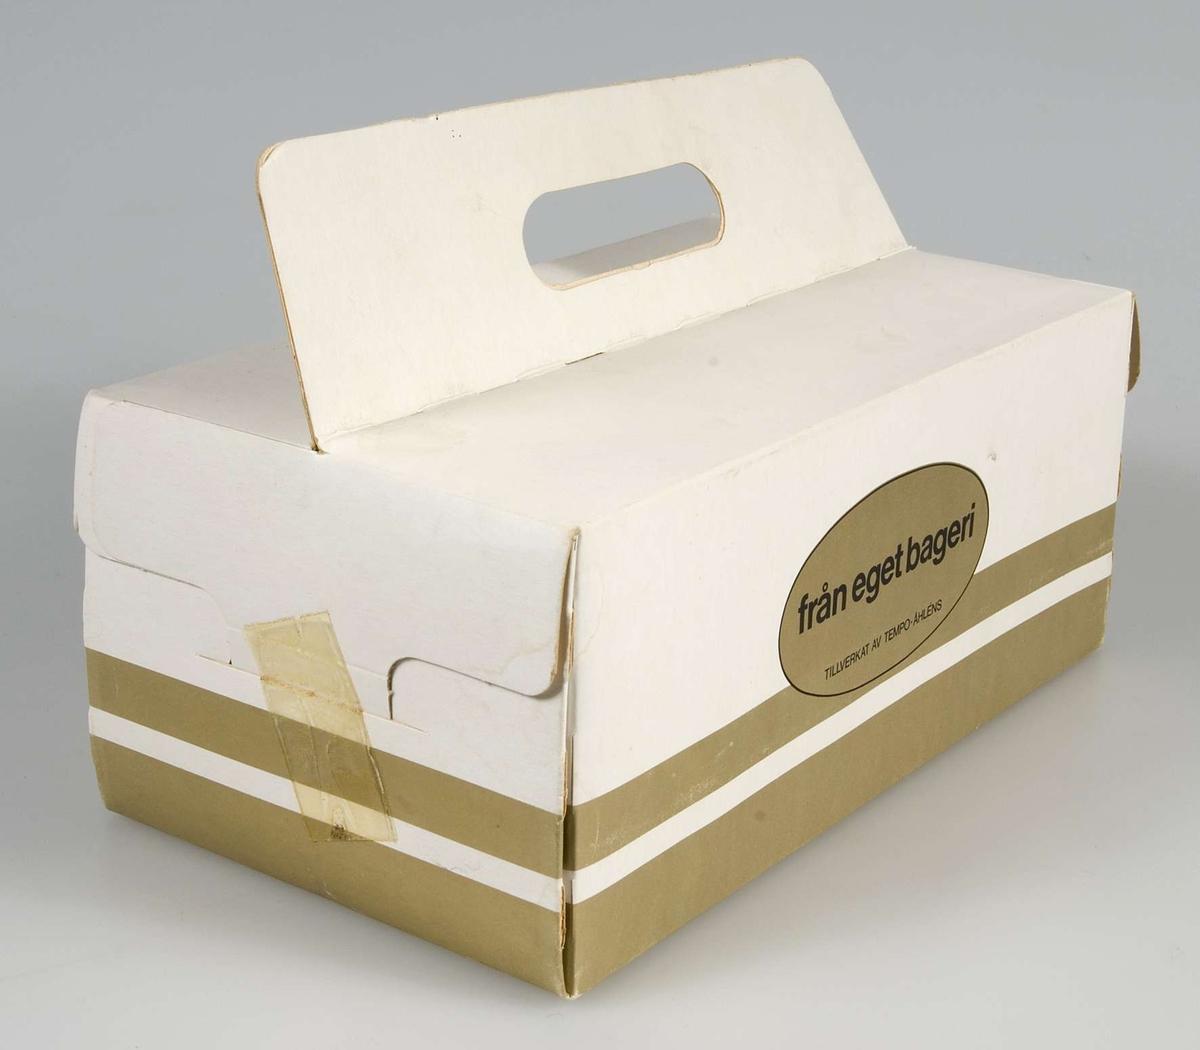 Kartong för semlor och bakelser av vit papp med uppvikt flik med urtag för handtag. Två guldränder runt och oval i guld med text: från eget bageri tillverkat av Tempo-Åhléns.